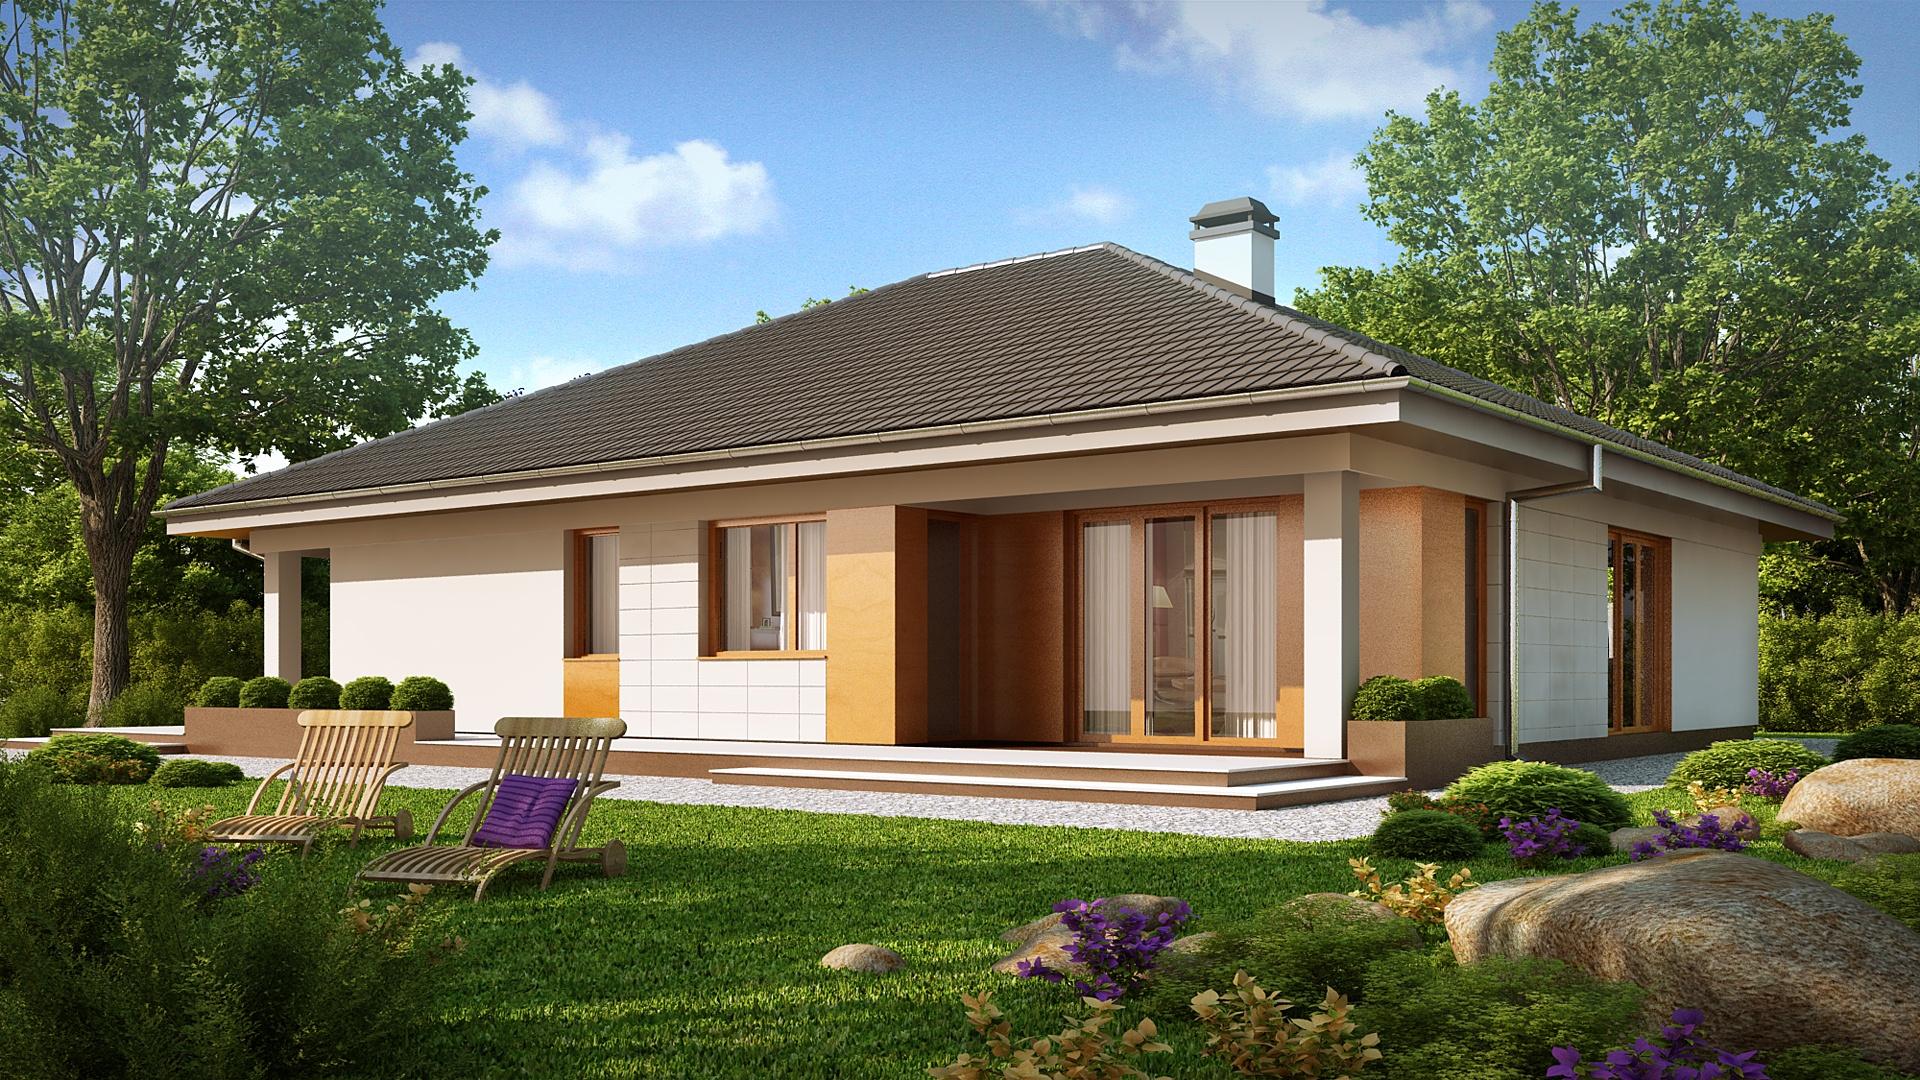 Дизайн одноэтажных кирпичных домов одноэтажных домов с мансардой